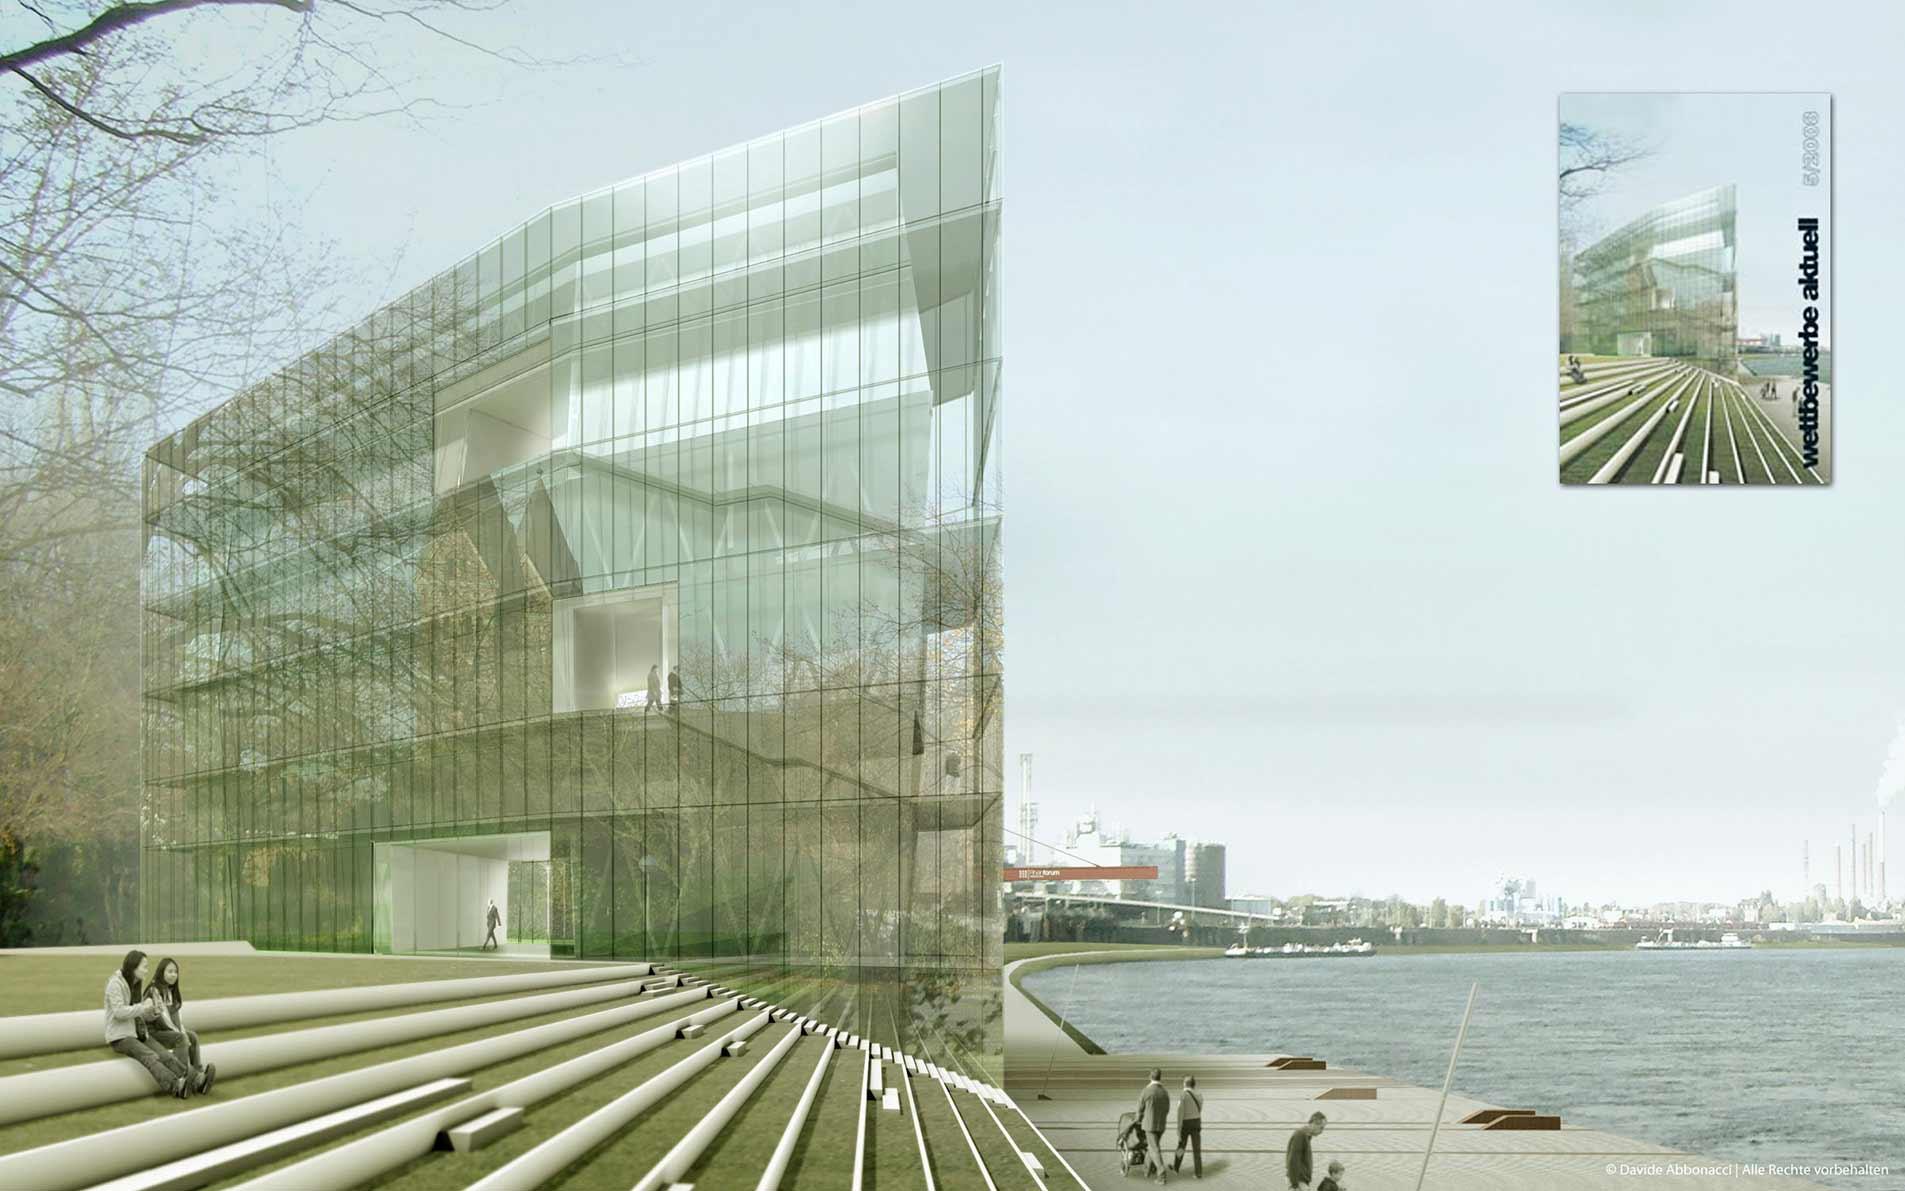 :Chemtech - Ruthmanns Wiese, Wesseling | Bruno Fioretti Marquez Architekten | 2008 Wettbewerbsvisualisierung | 1. Preis